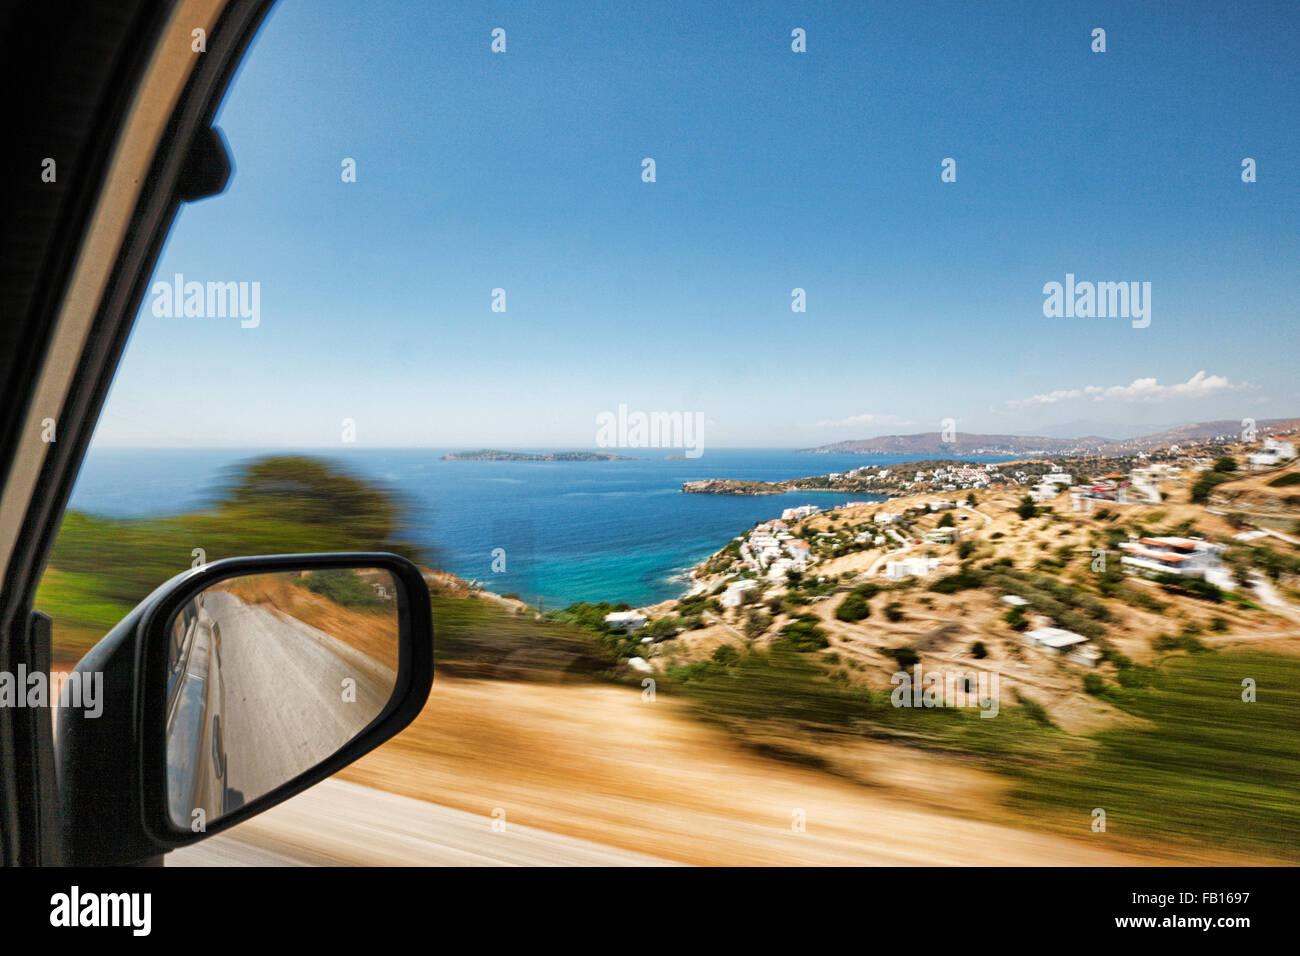 Der Blick durch das Fenster aus der Perspektive des Reisenden in einem fahrenden Auto herumreisen Andros, Griechenland Stockbild